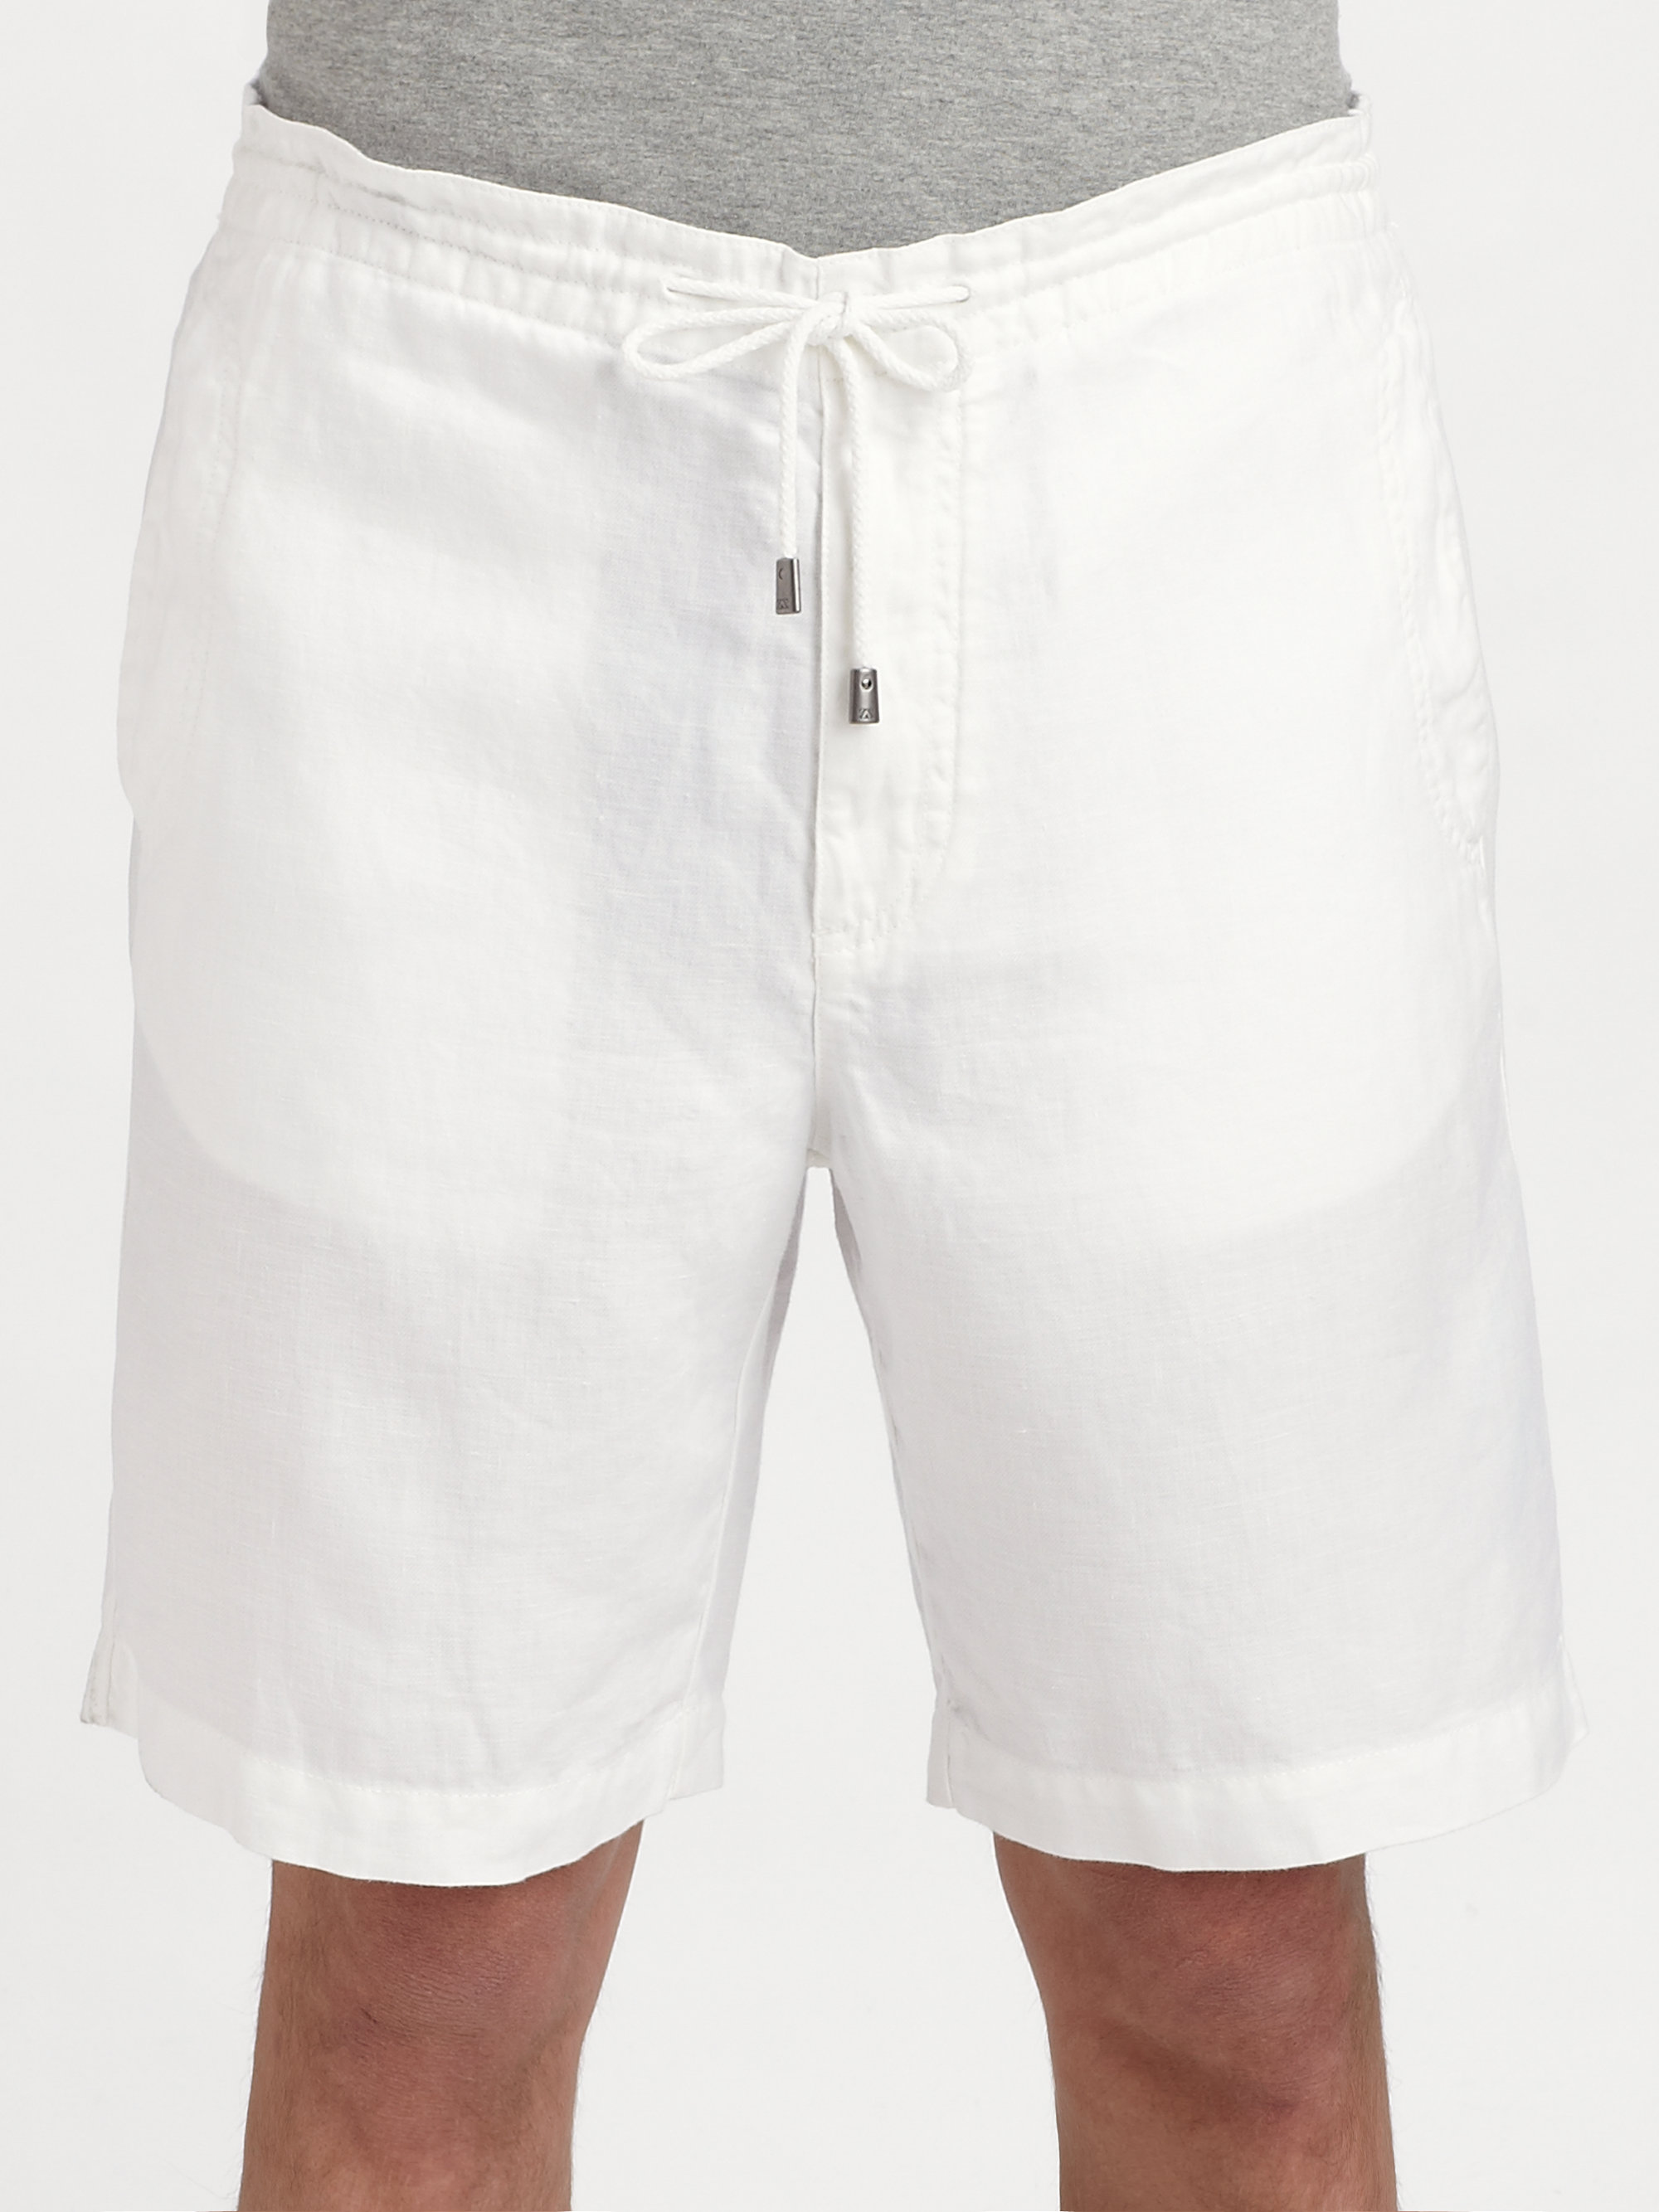 Zegna Sport Linen Drawstring Shorts In White For Men Lyst